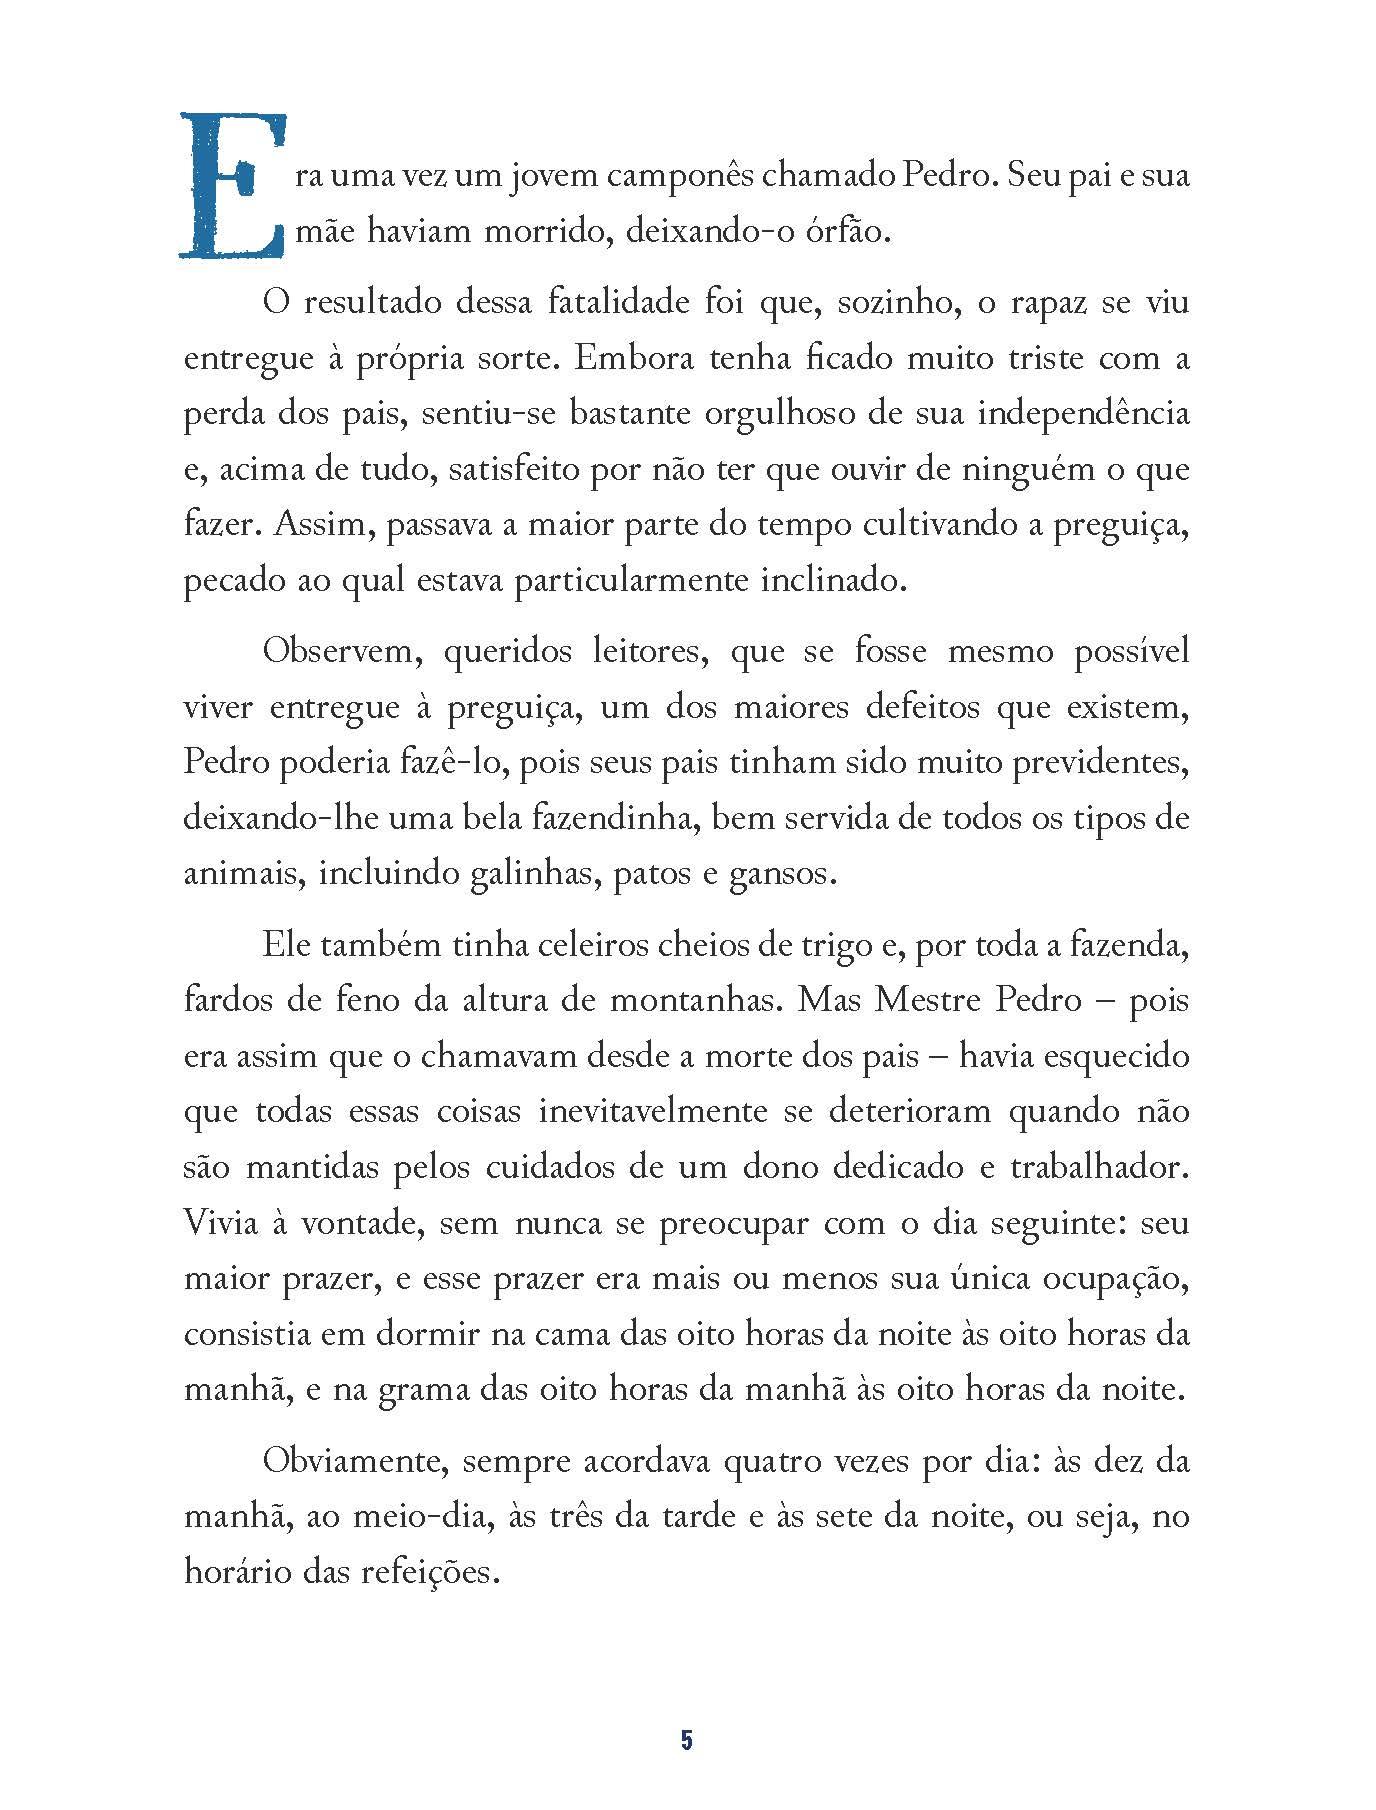 pedro_miolo_final_Página_05